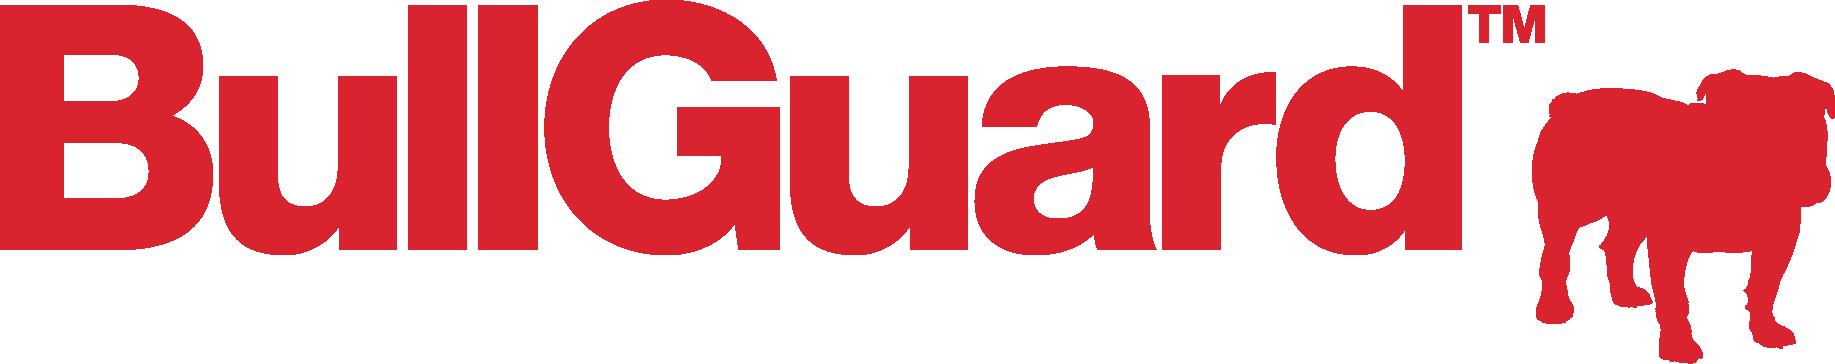 image Bullguard antivirus